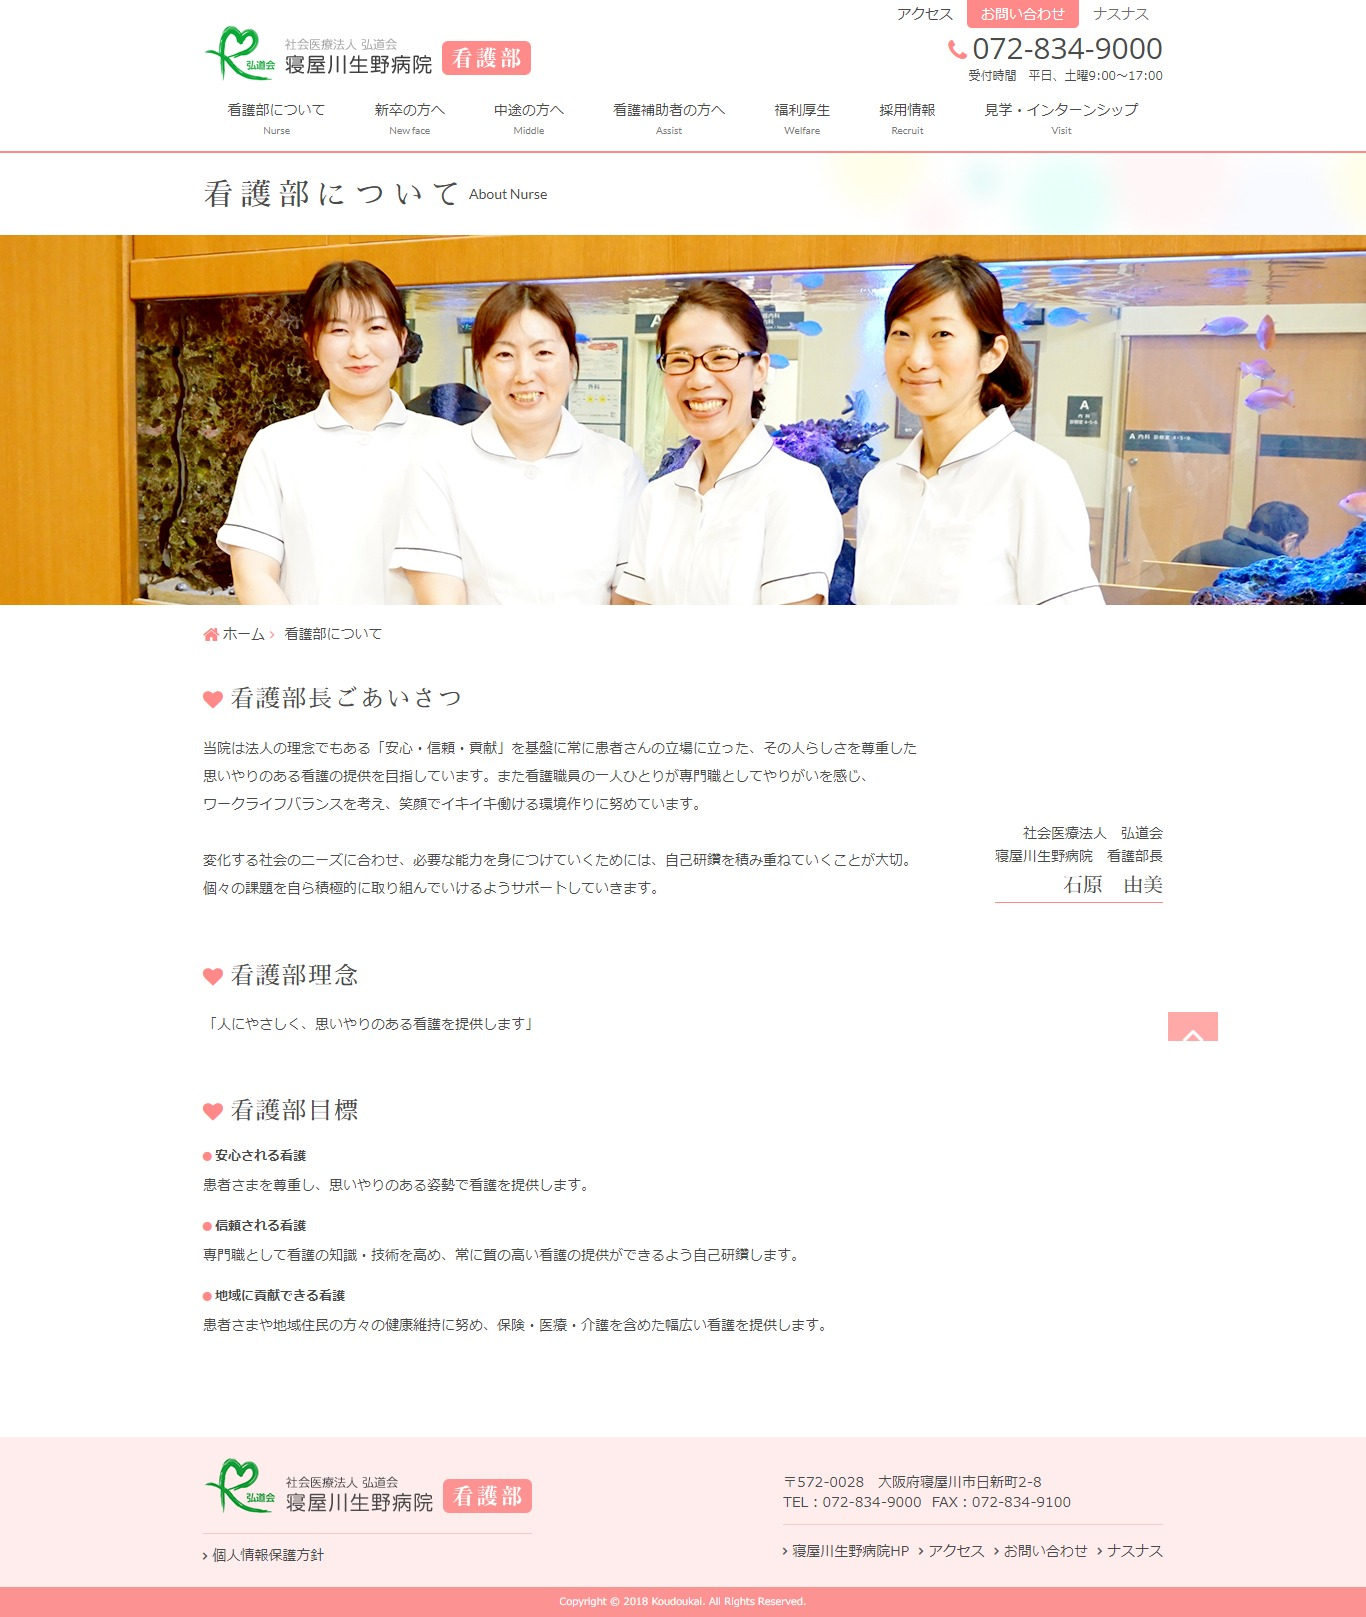 2018年7月作成「寝屋川生野病院」看護部サイト_サブ画像